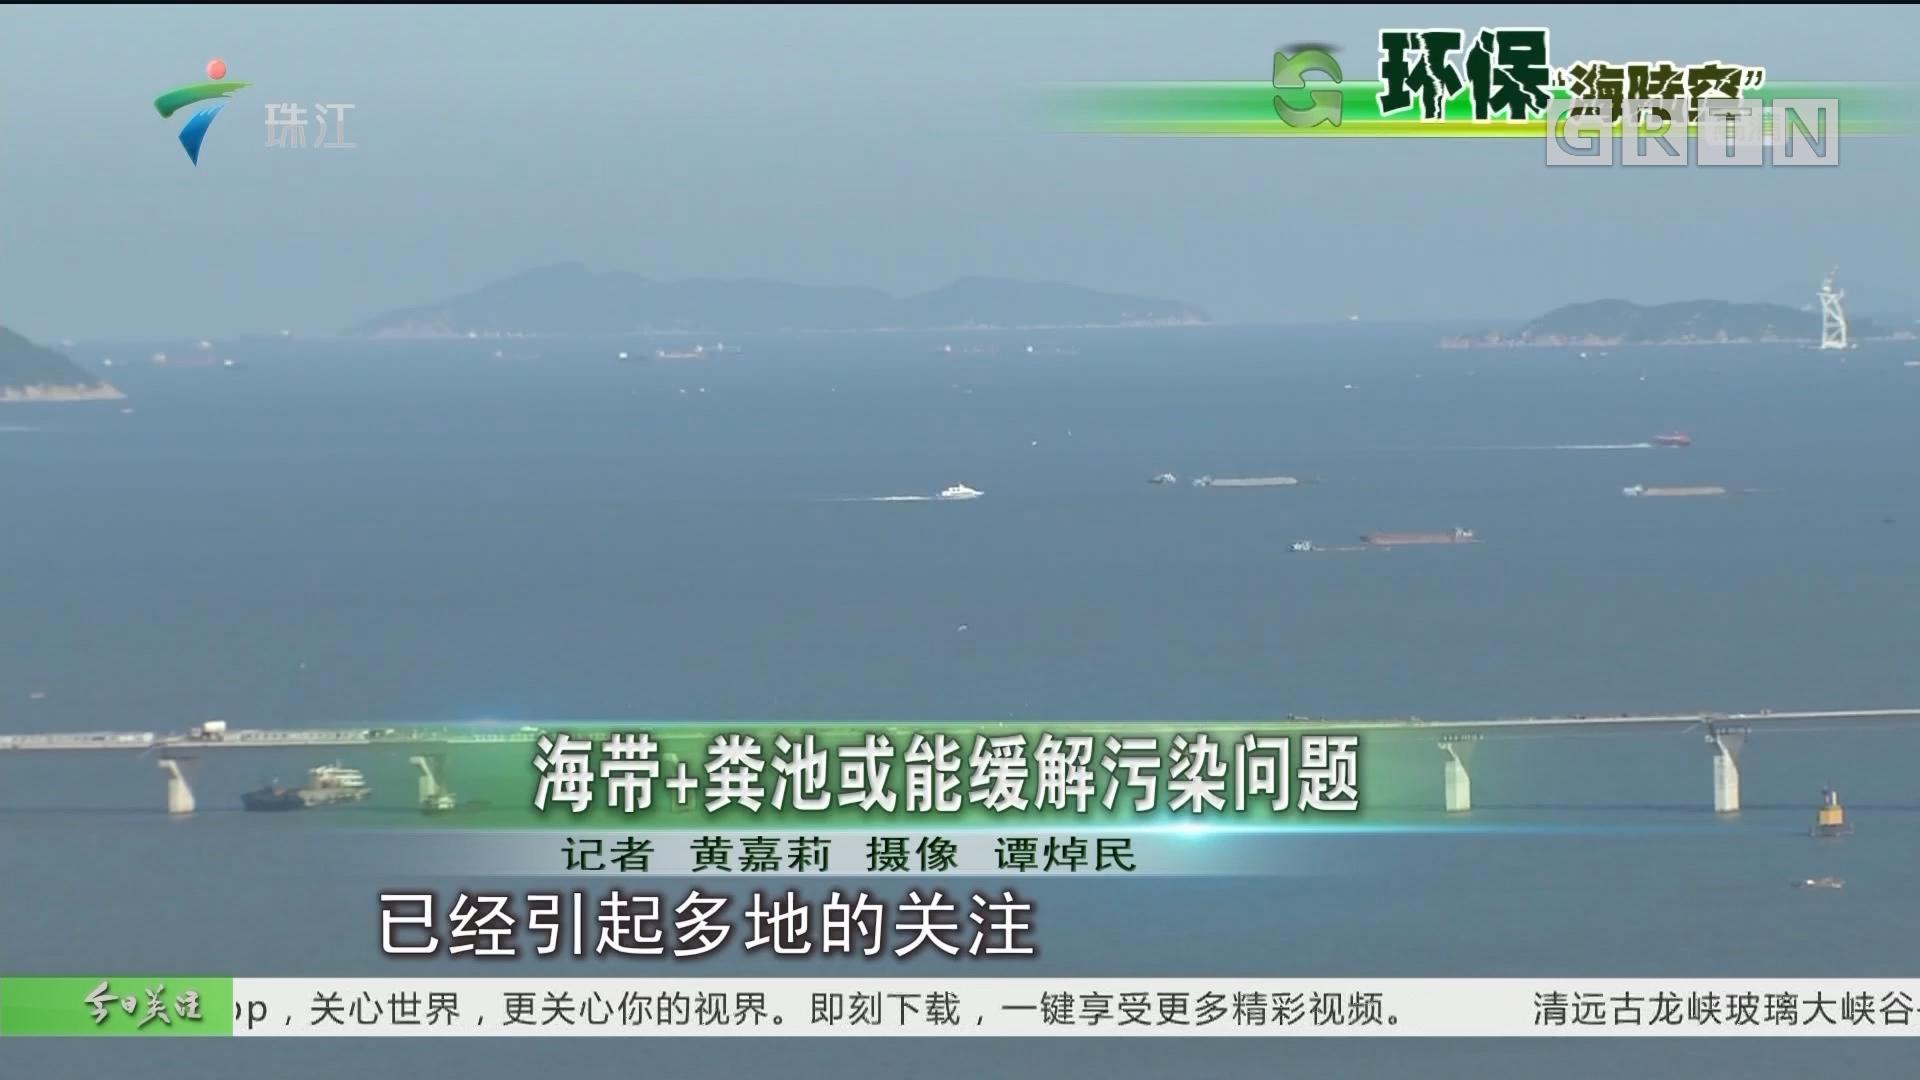 海带+粪池或能缓解污染问题